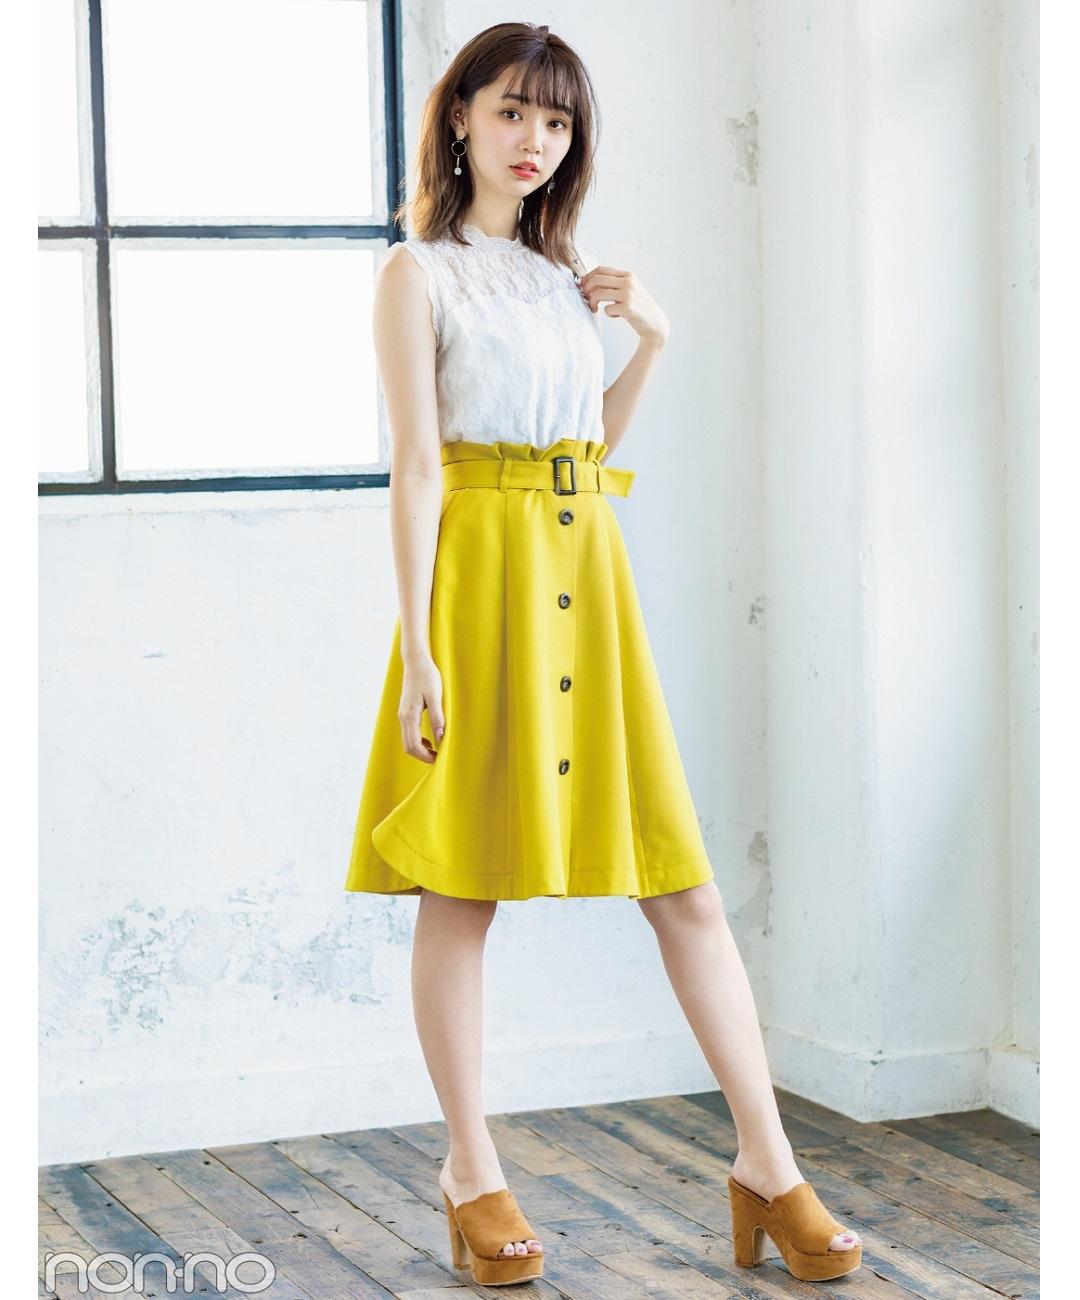 【夏のノースリーブコーデ】江野沢愛美は、前ボタンスカートで脚長コーデ